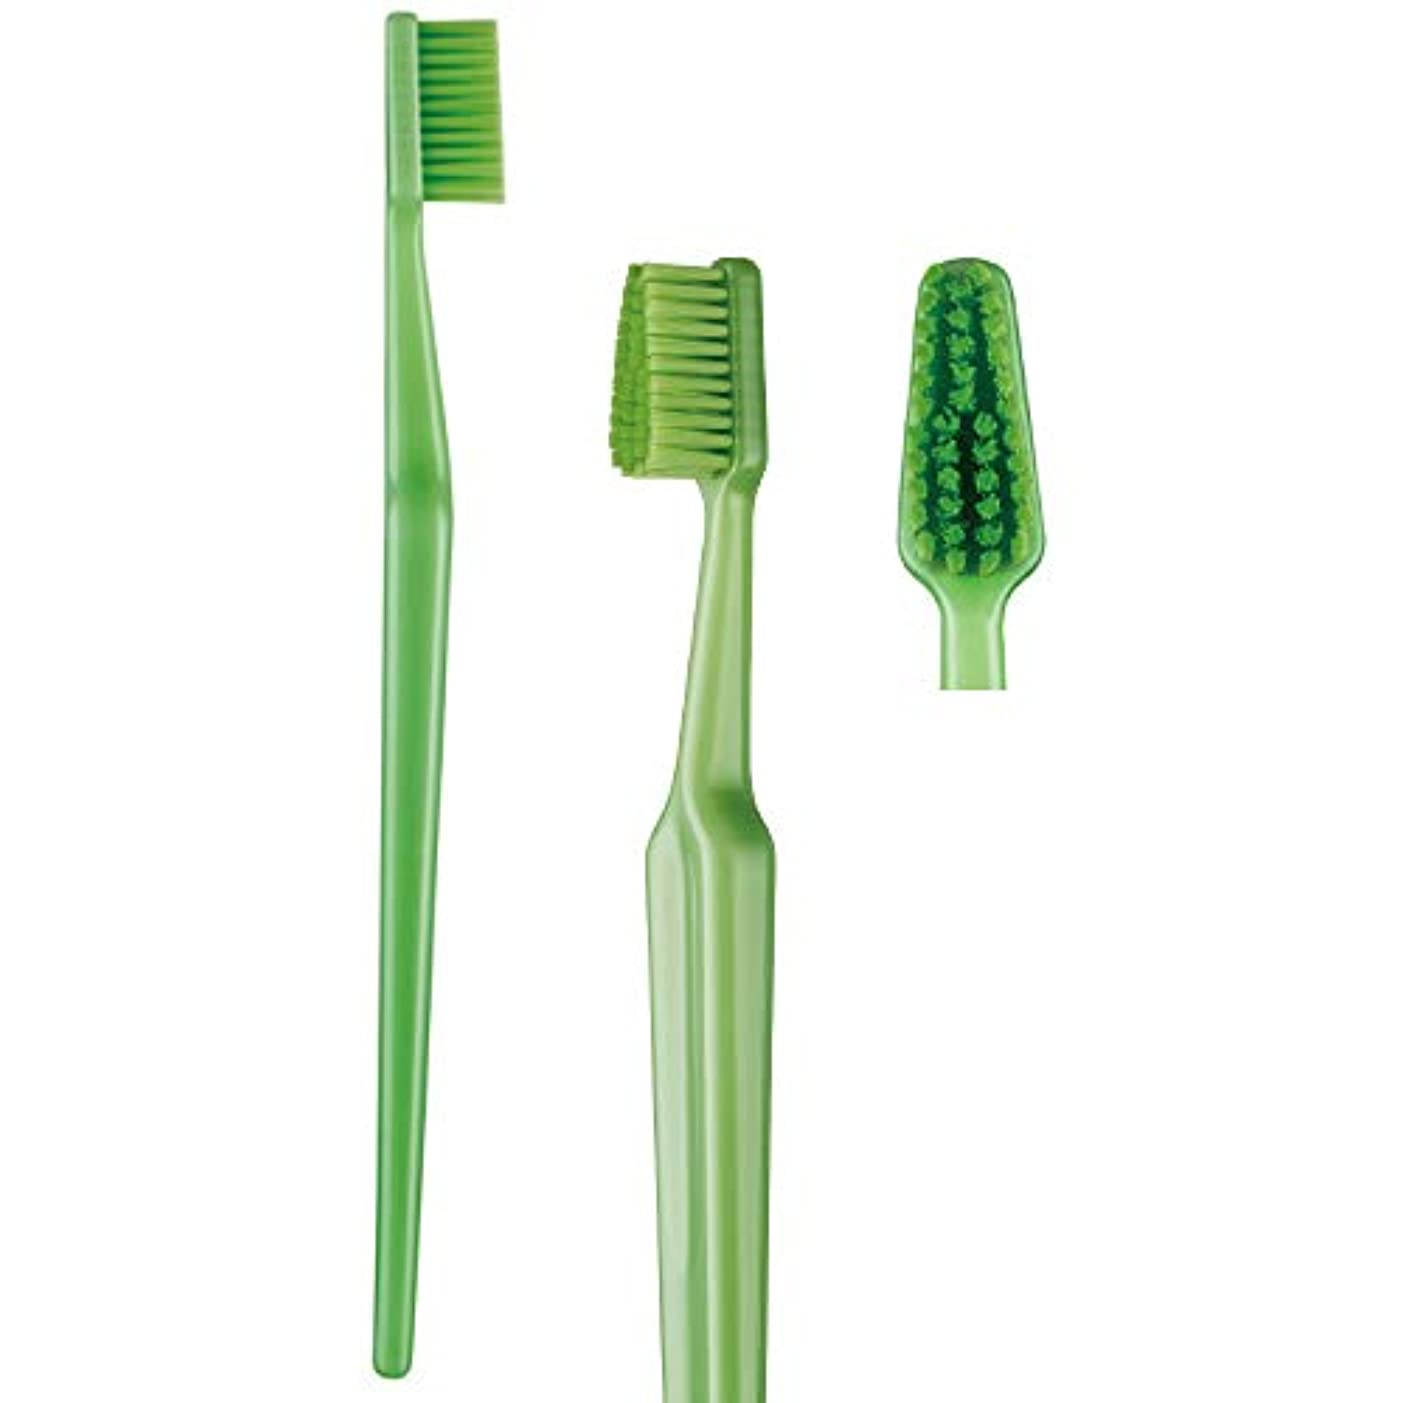 価格純粋な本部歯科専売品 大人用歯ブラシ TePe GOOD (グッド) レギュラー ソフト(やわらかめ) ヘッド大 1本